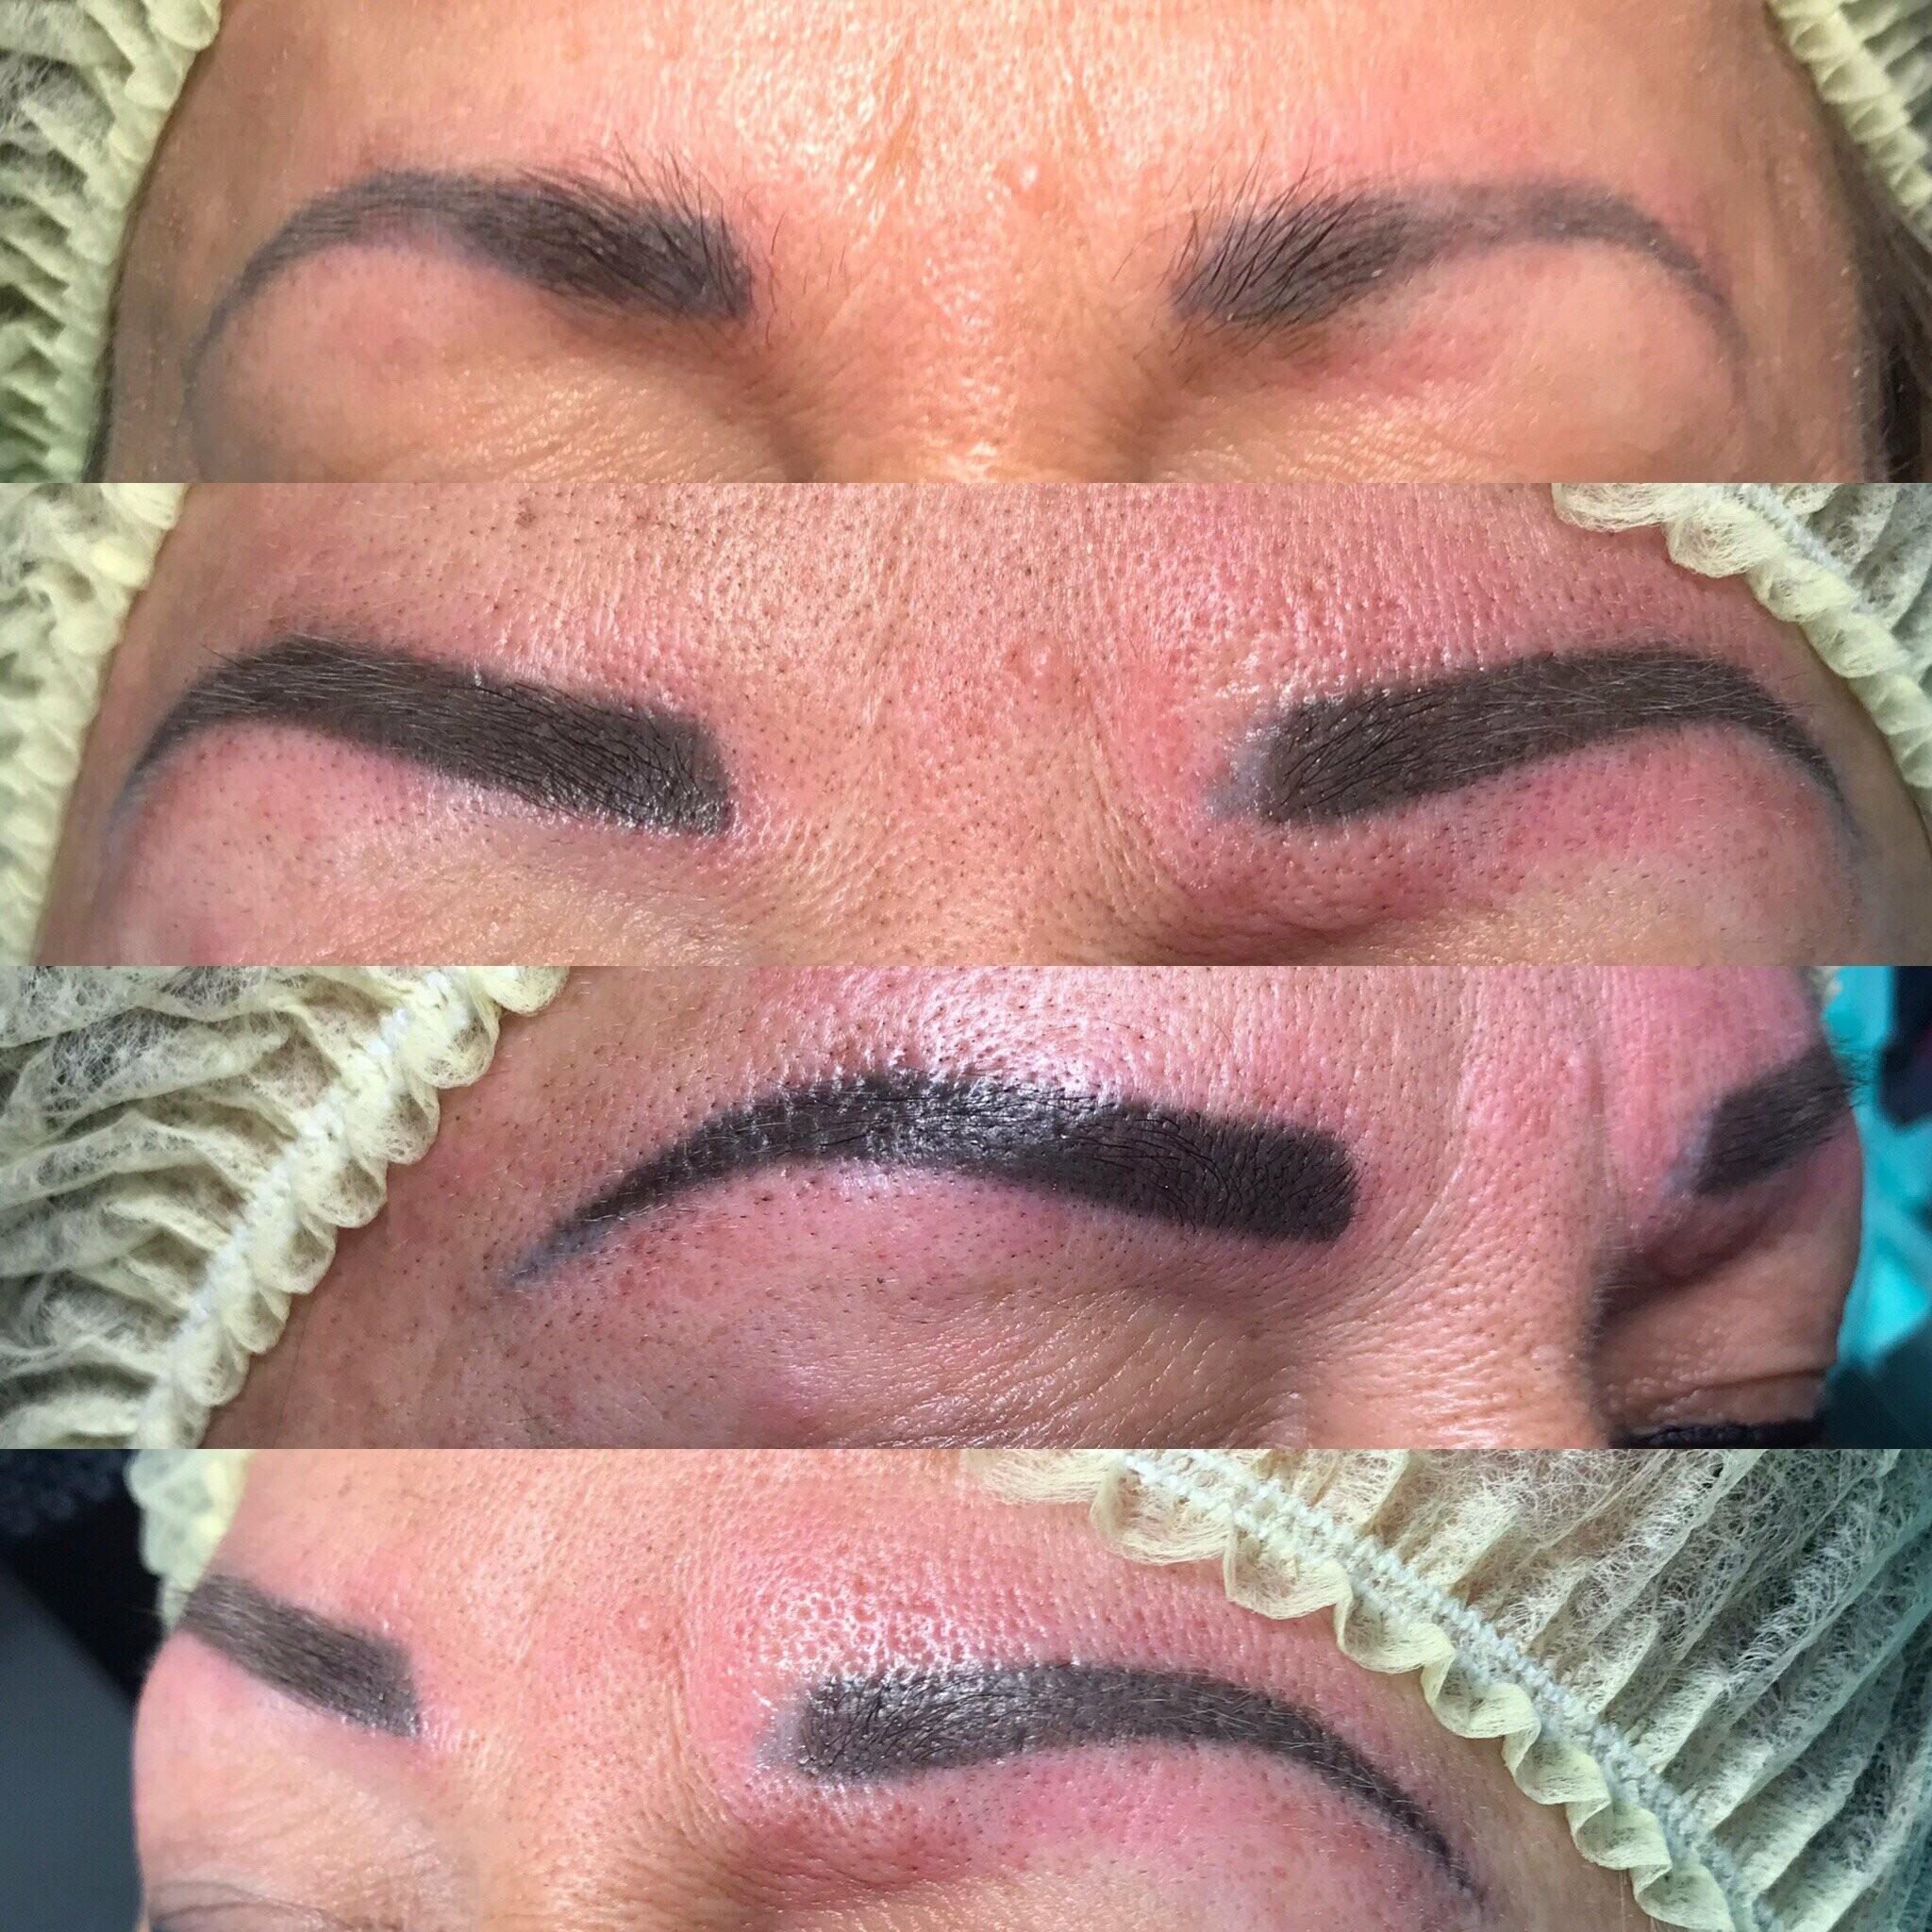 Перманентный макияж в Запорожье, Татуаж в Запорожье, Татуаж бровей в Запорожье, татуаж губ в Запорожье, татуаж век в Запорожье, мастер татуажа в Запорожье